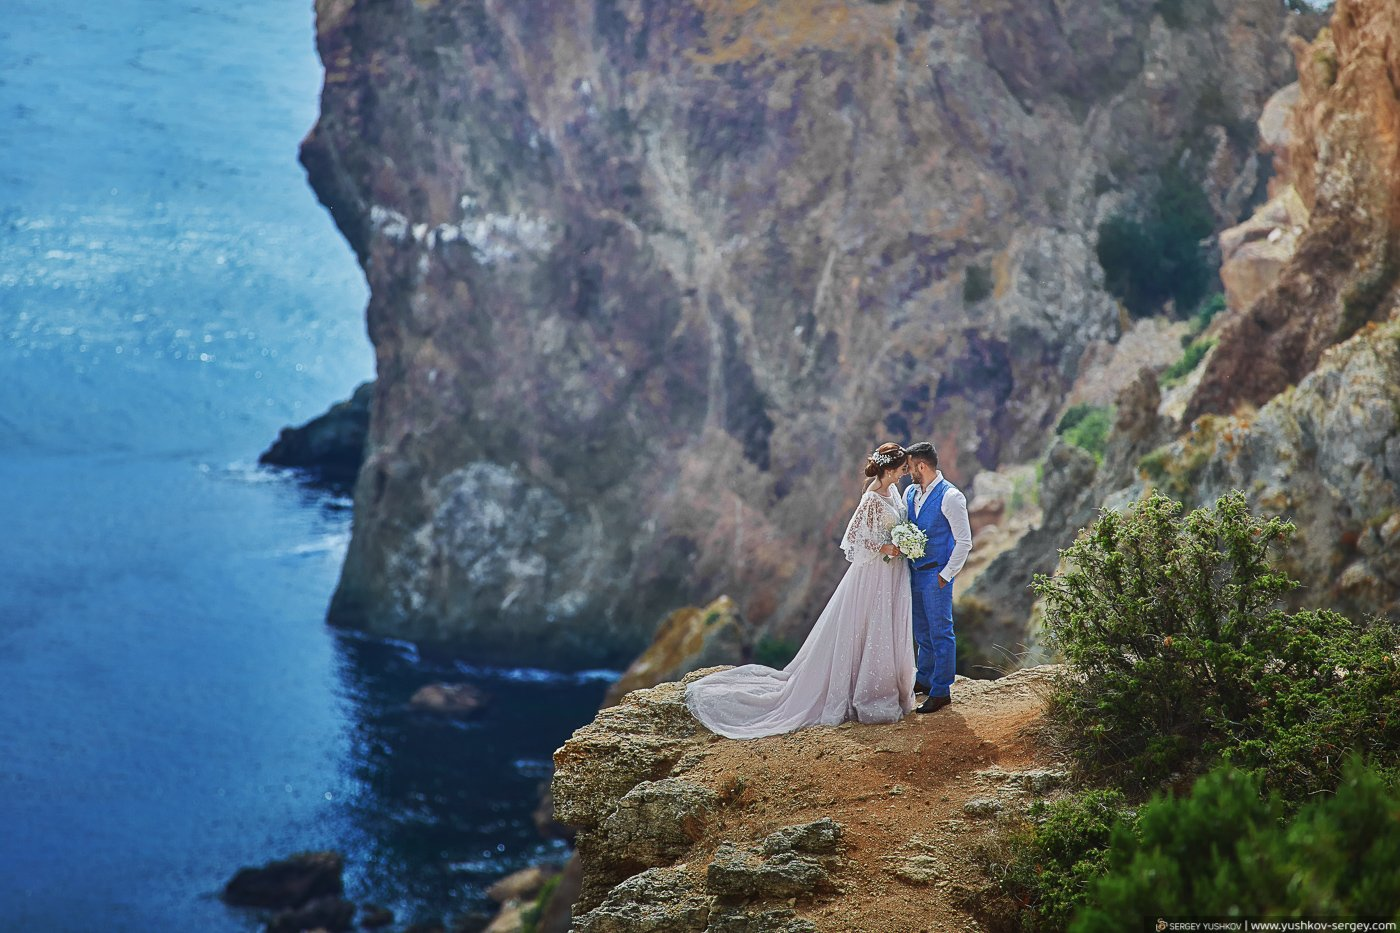 Свадьба для двоих в Крыму. Мыс Фиолент, Севастополь. Фотограф - Сергей Юшков.